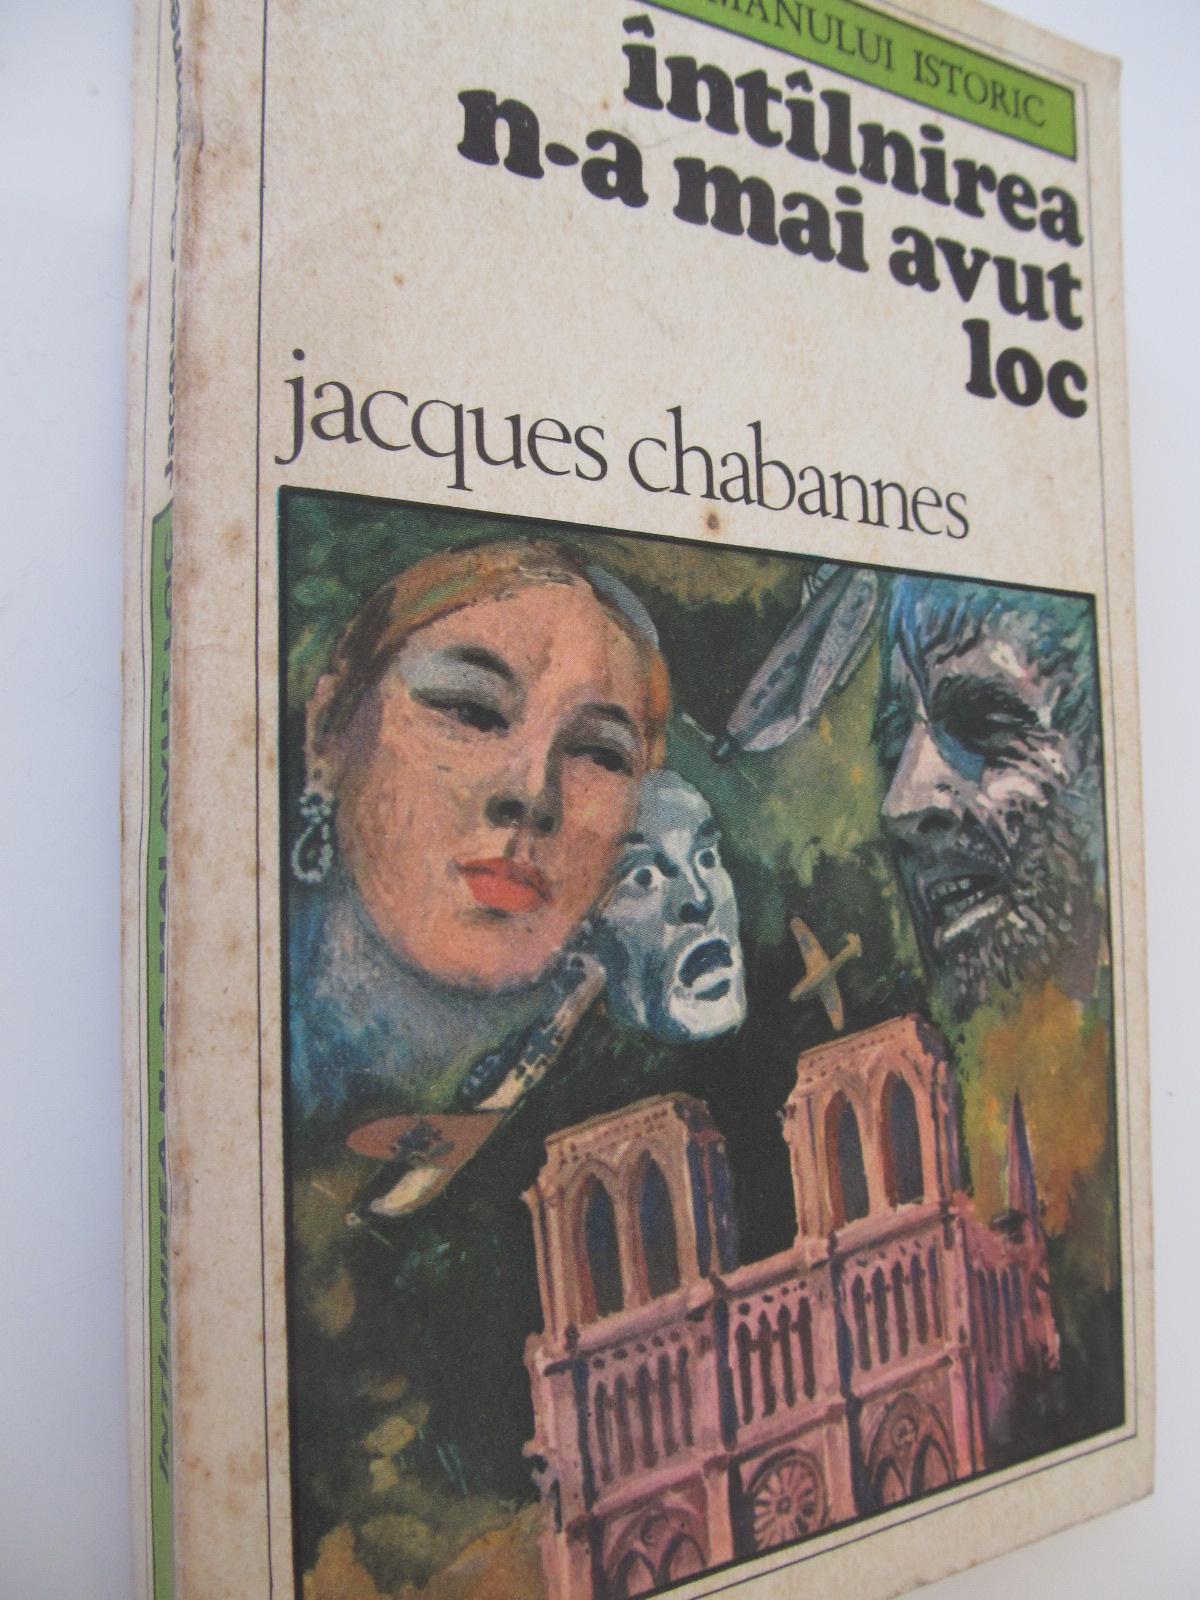 Intalnirea n-a mai avut loc - Jacques Chabannes | Detalii carte